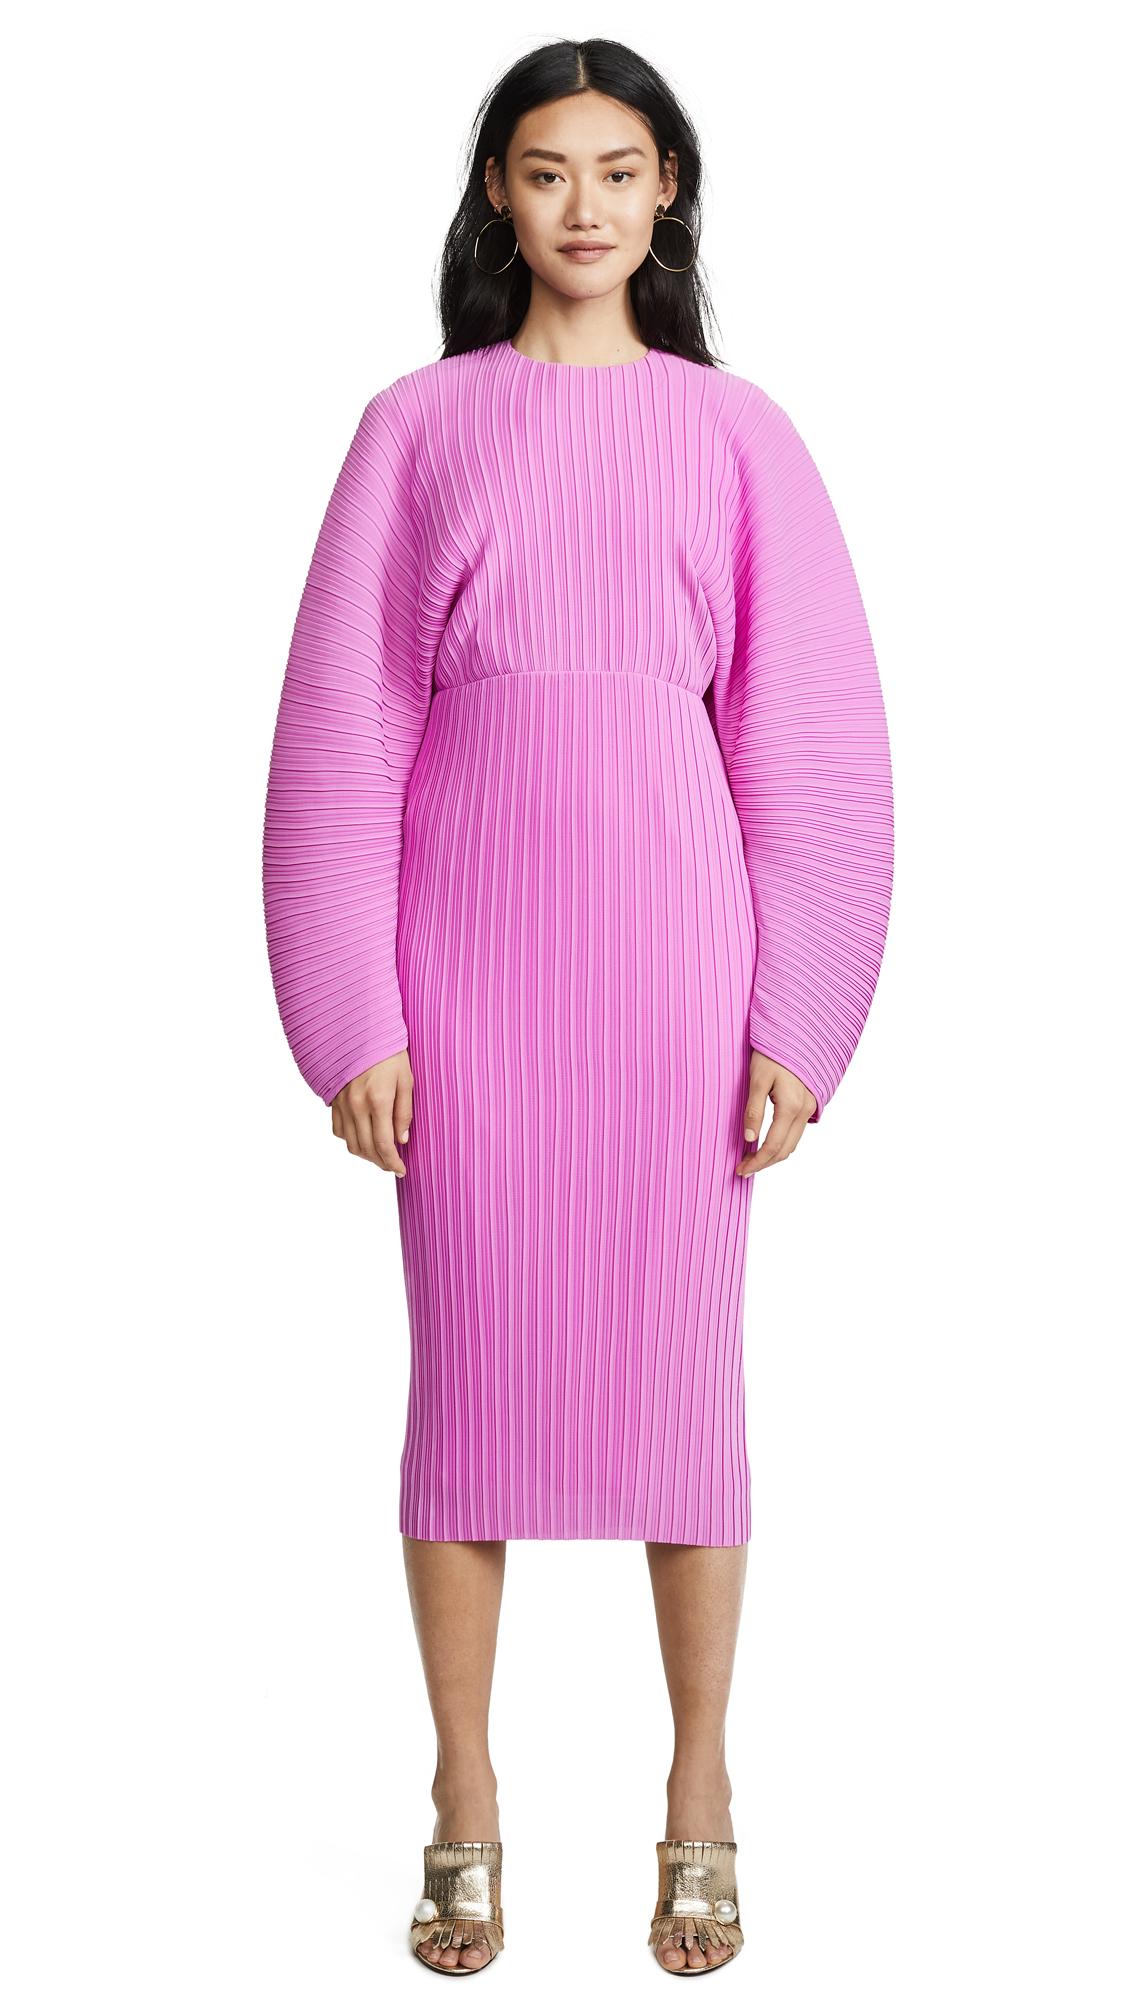 Solace London Singer Dress